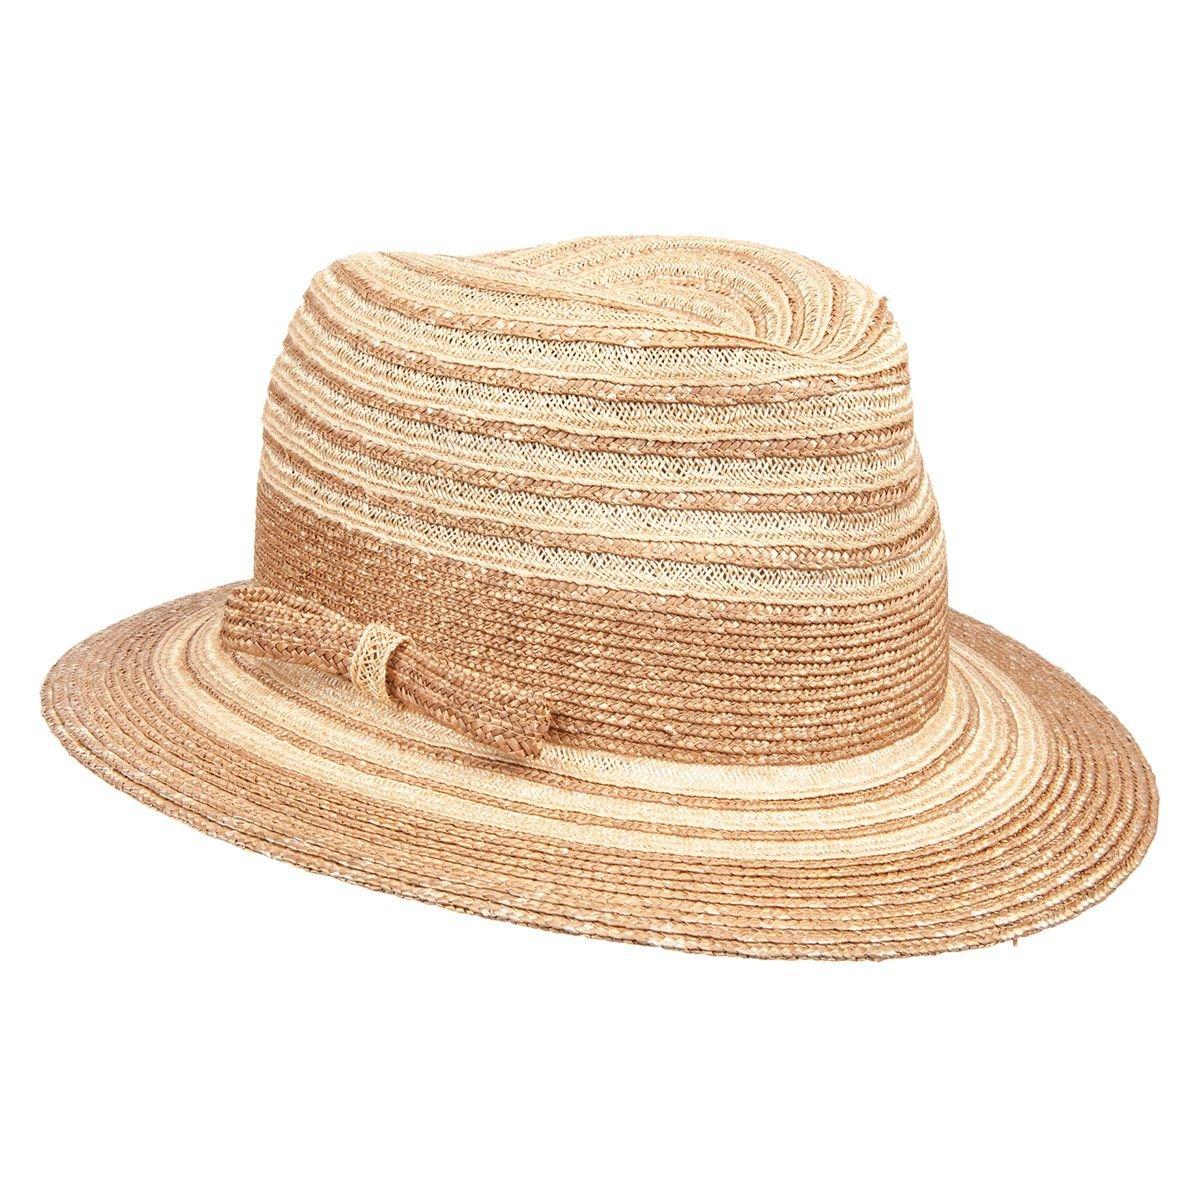 MAYSER | cappello donna in paglia e tessuto ...